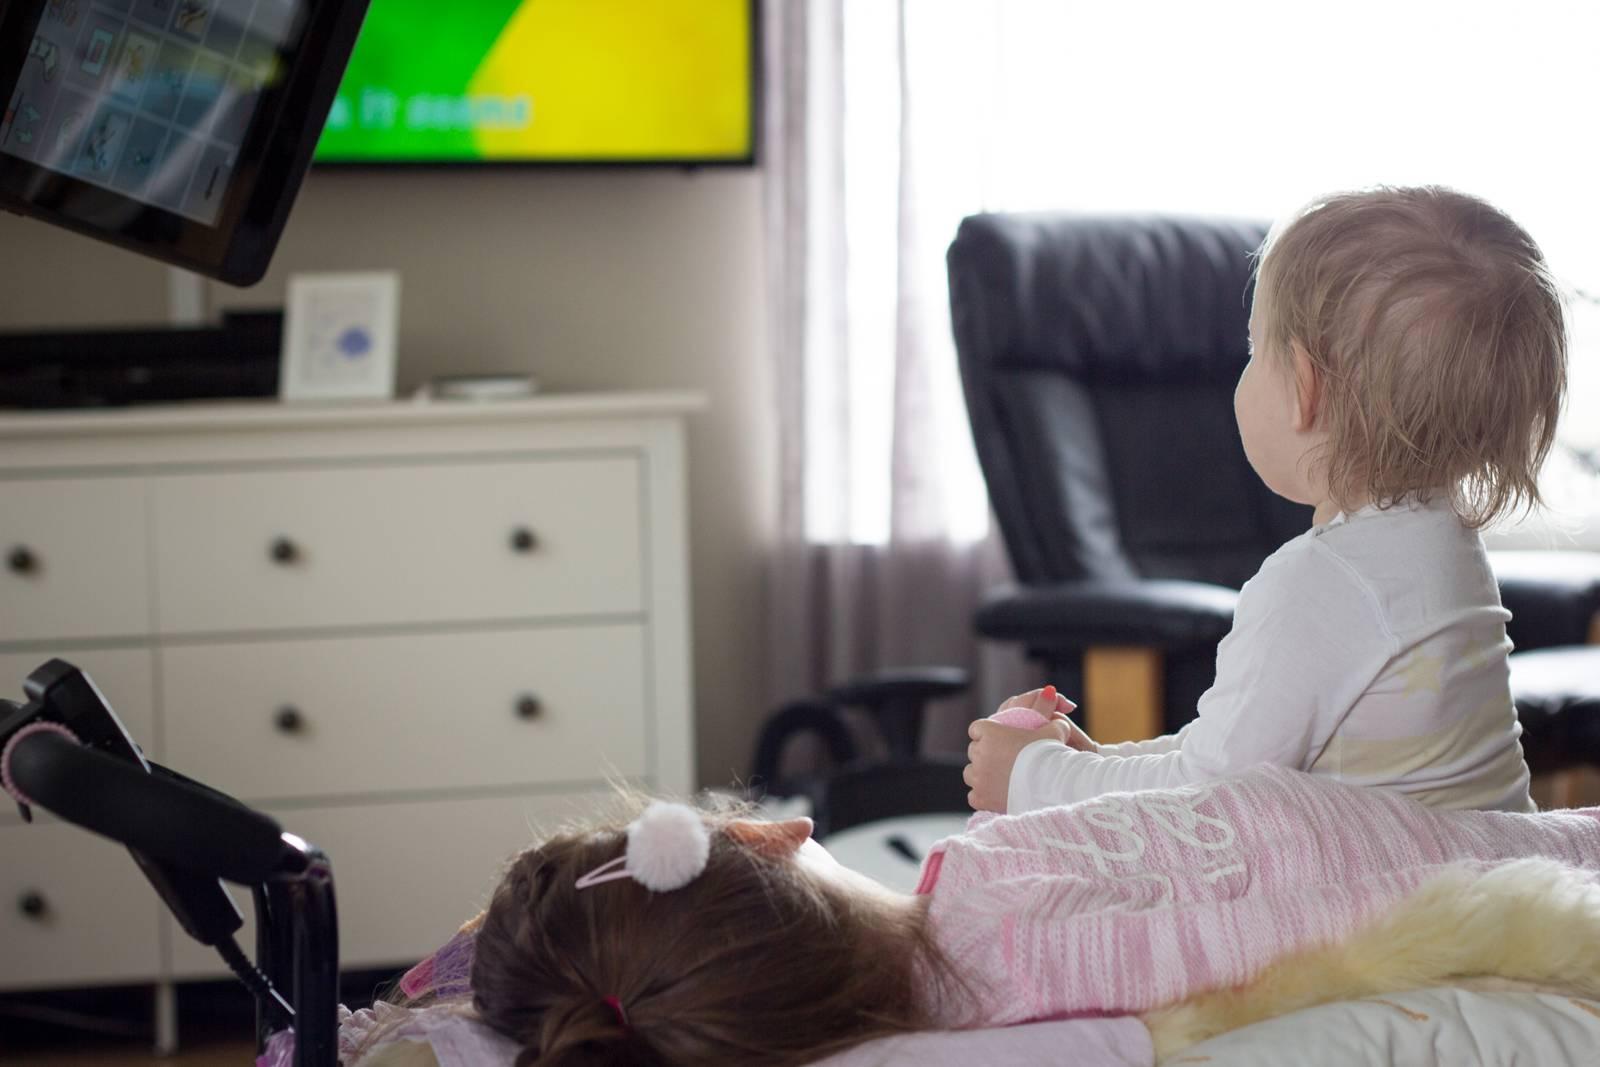 Frida Marie blir holdt i hånden av lillesøster Amalie hjemme i stua, mens de ser på TV.